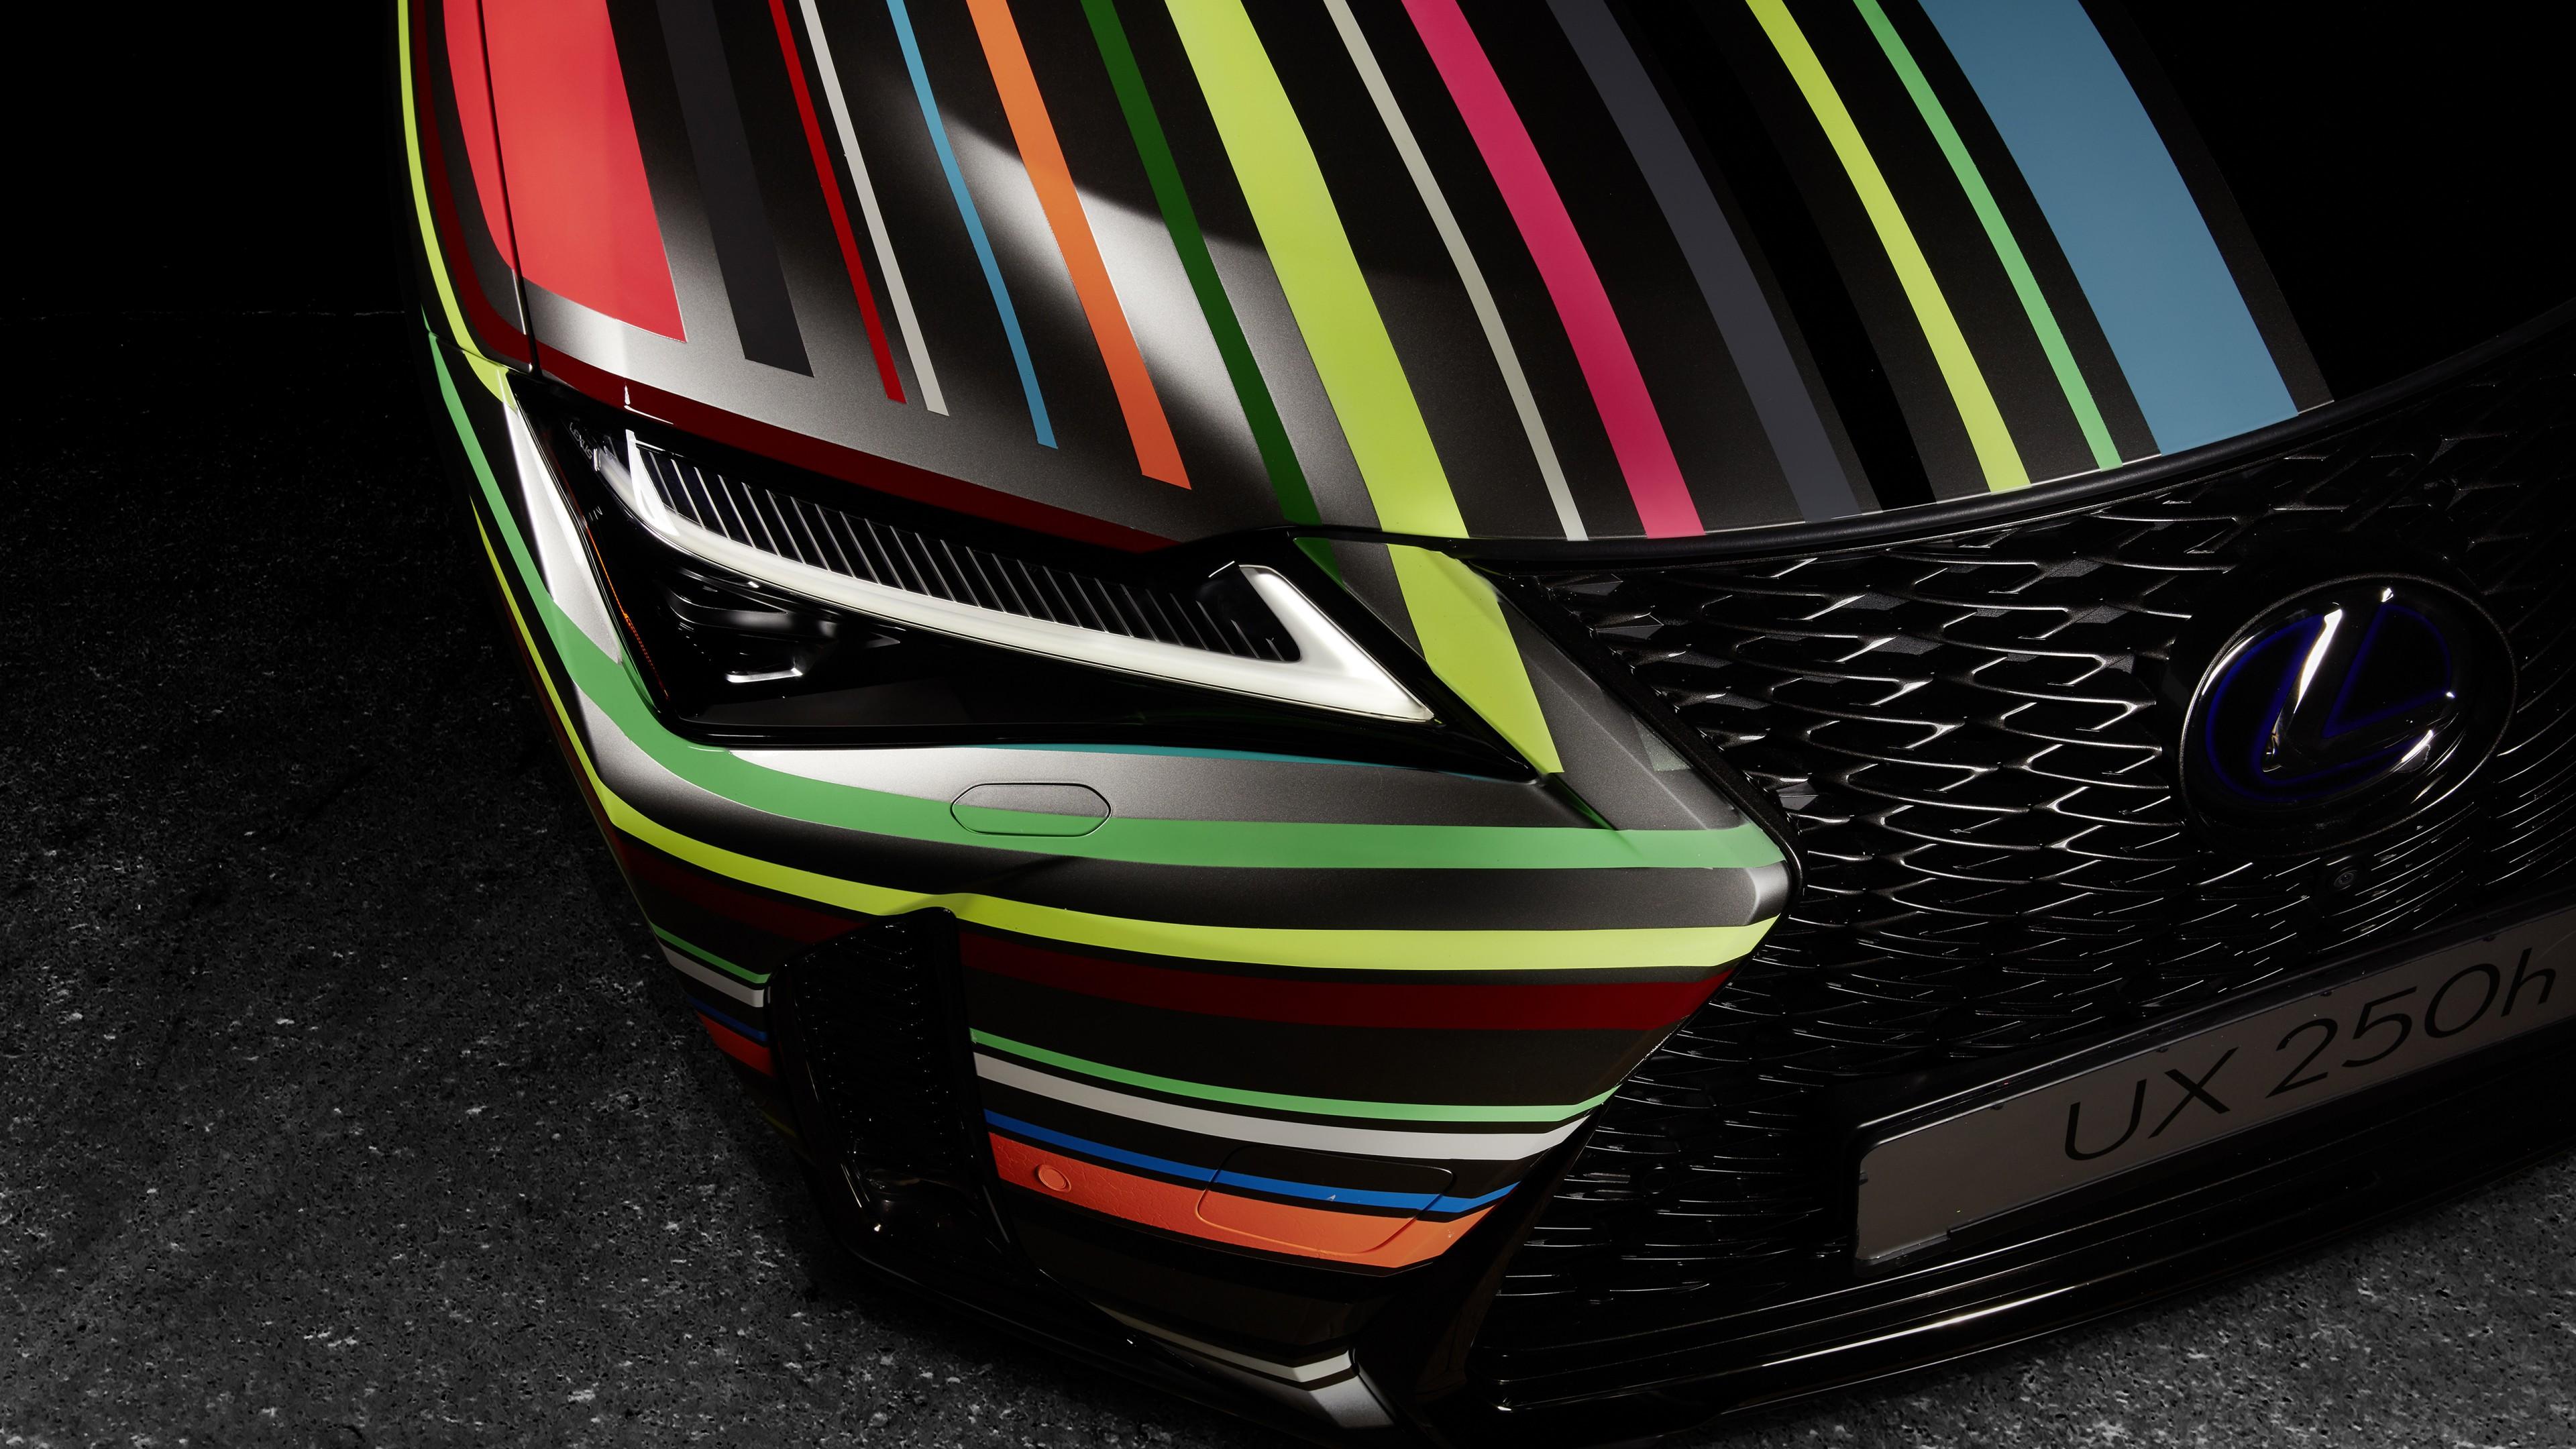 Lexus Ux 250h F Sport By Rene Turrek 2019 5k 2 Wallpaper Hd Car Wallpapers Id 12653